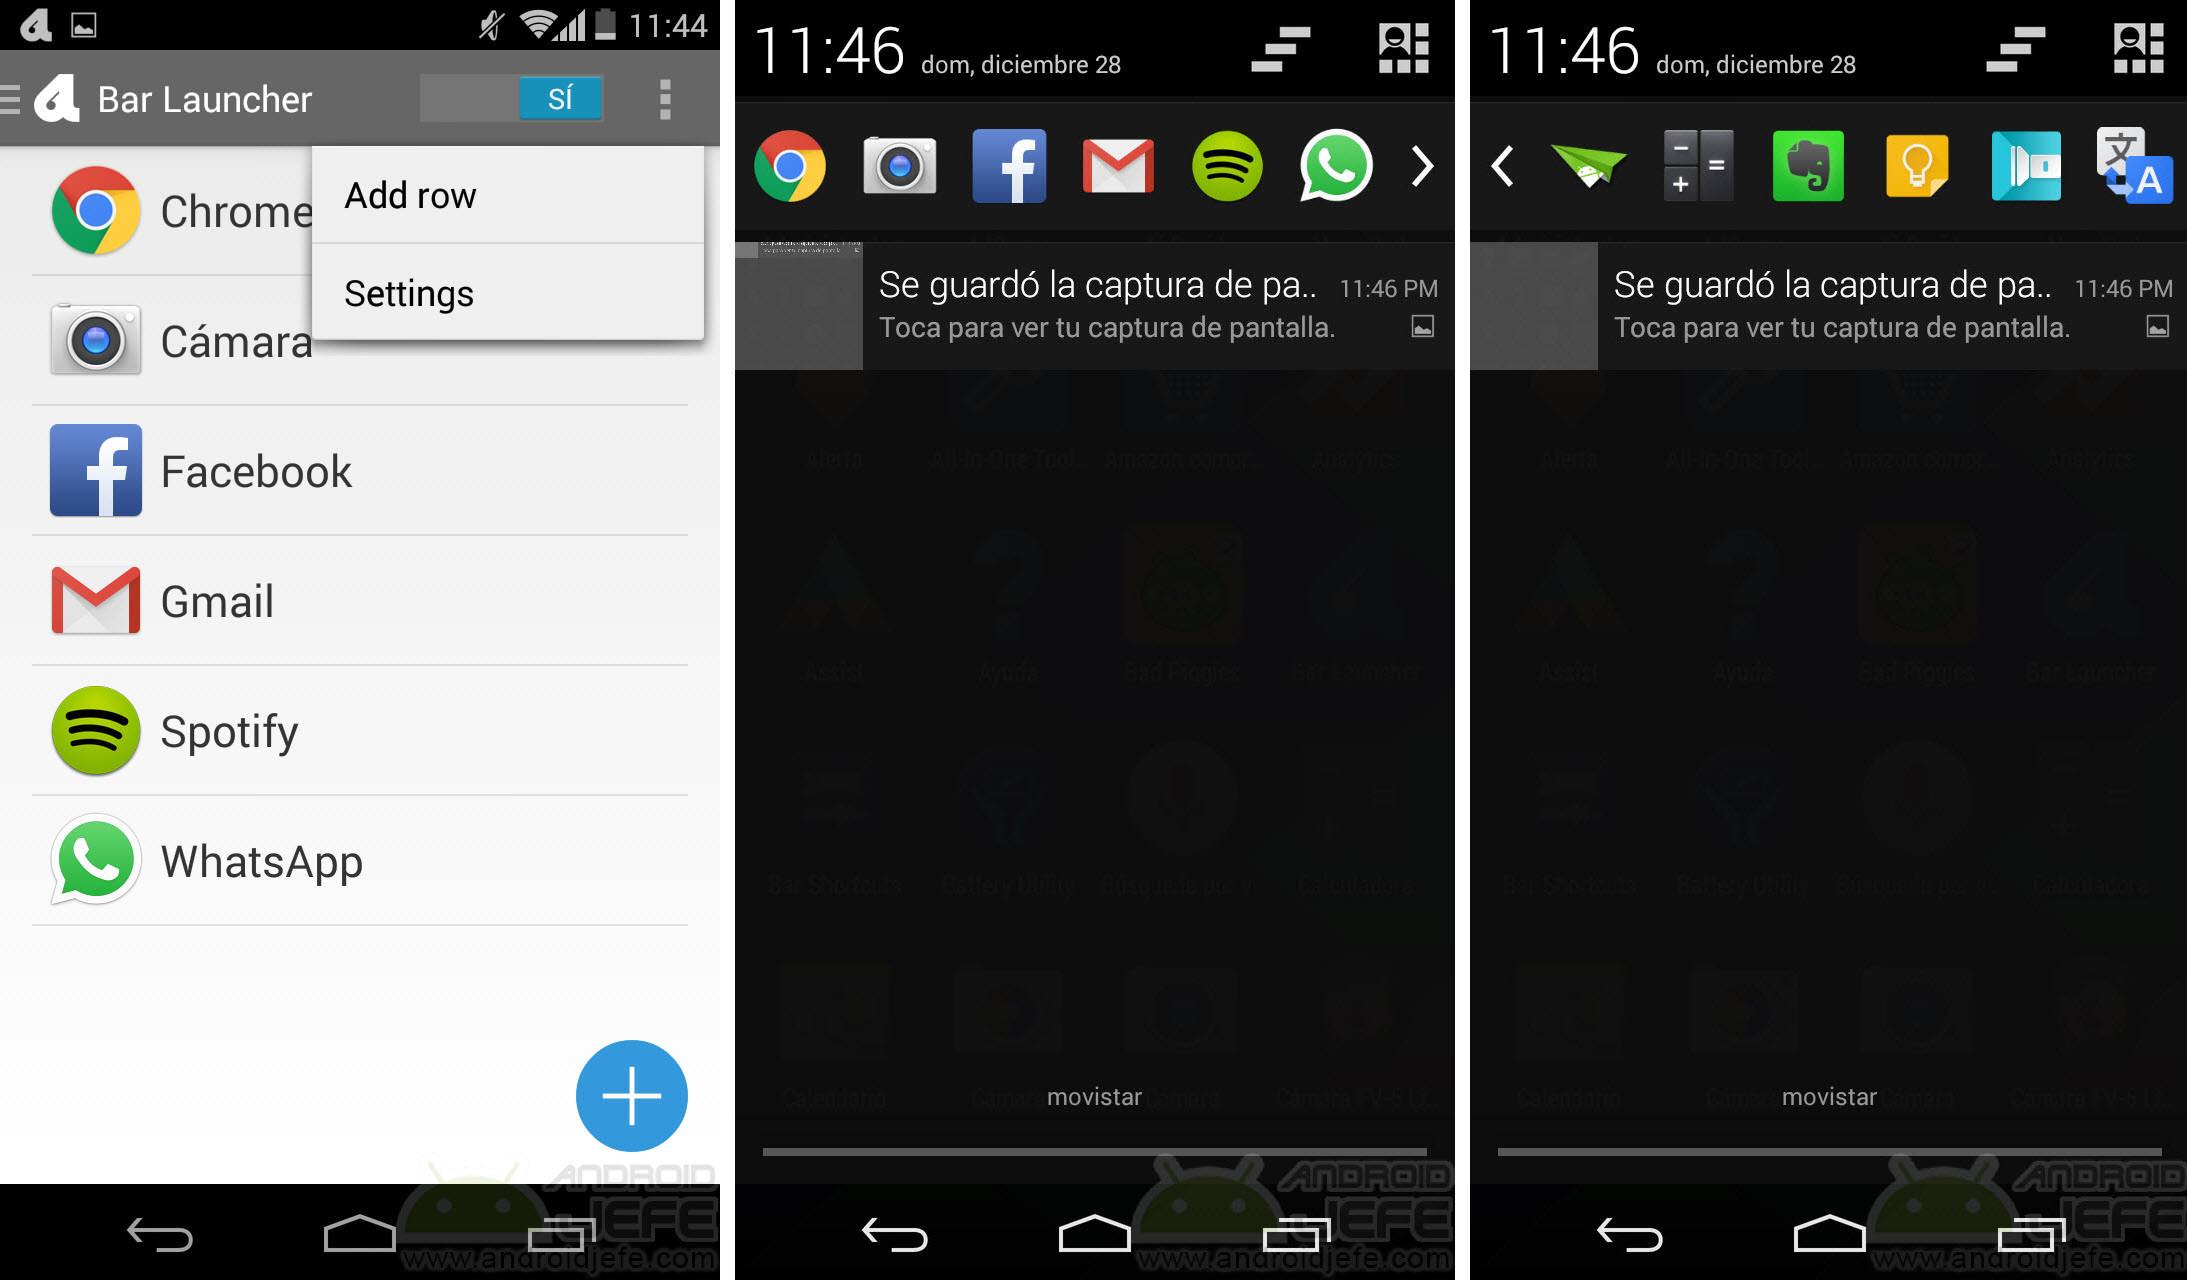 Cómo poner iconos de aplicaciones en la barra de estado de Android